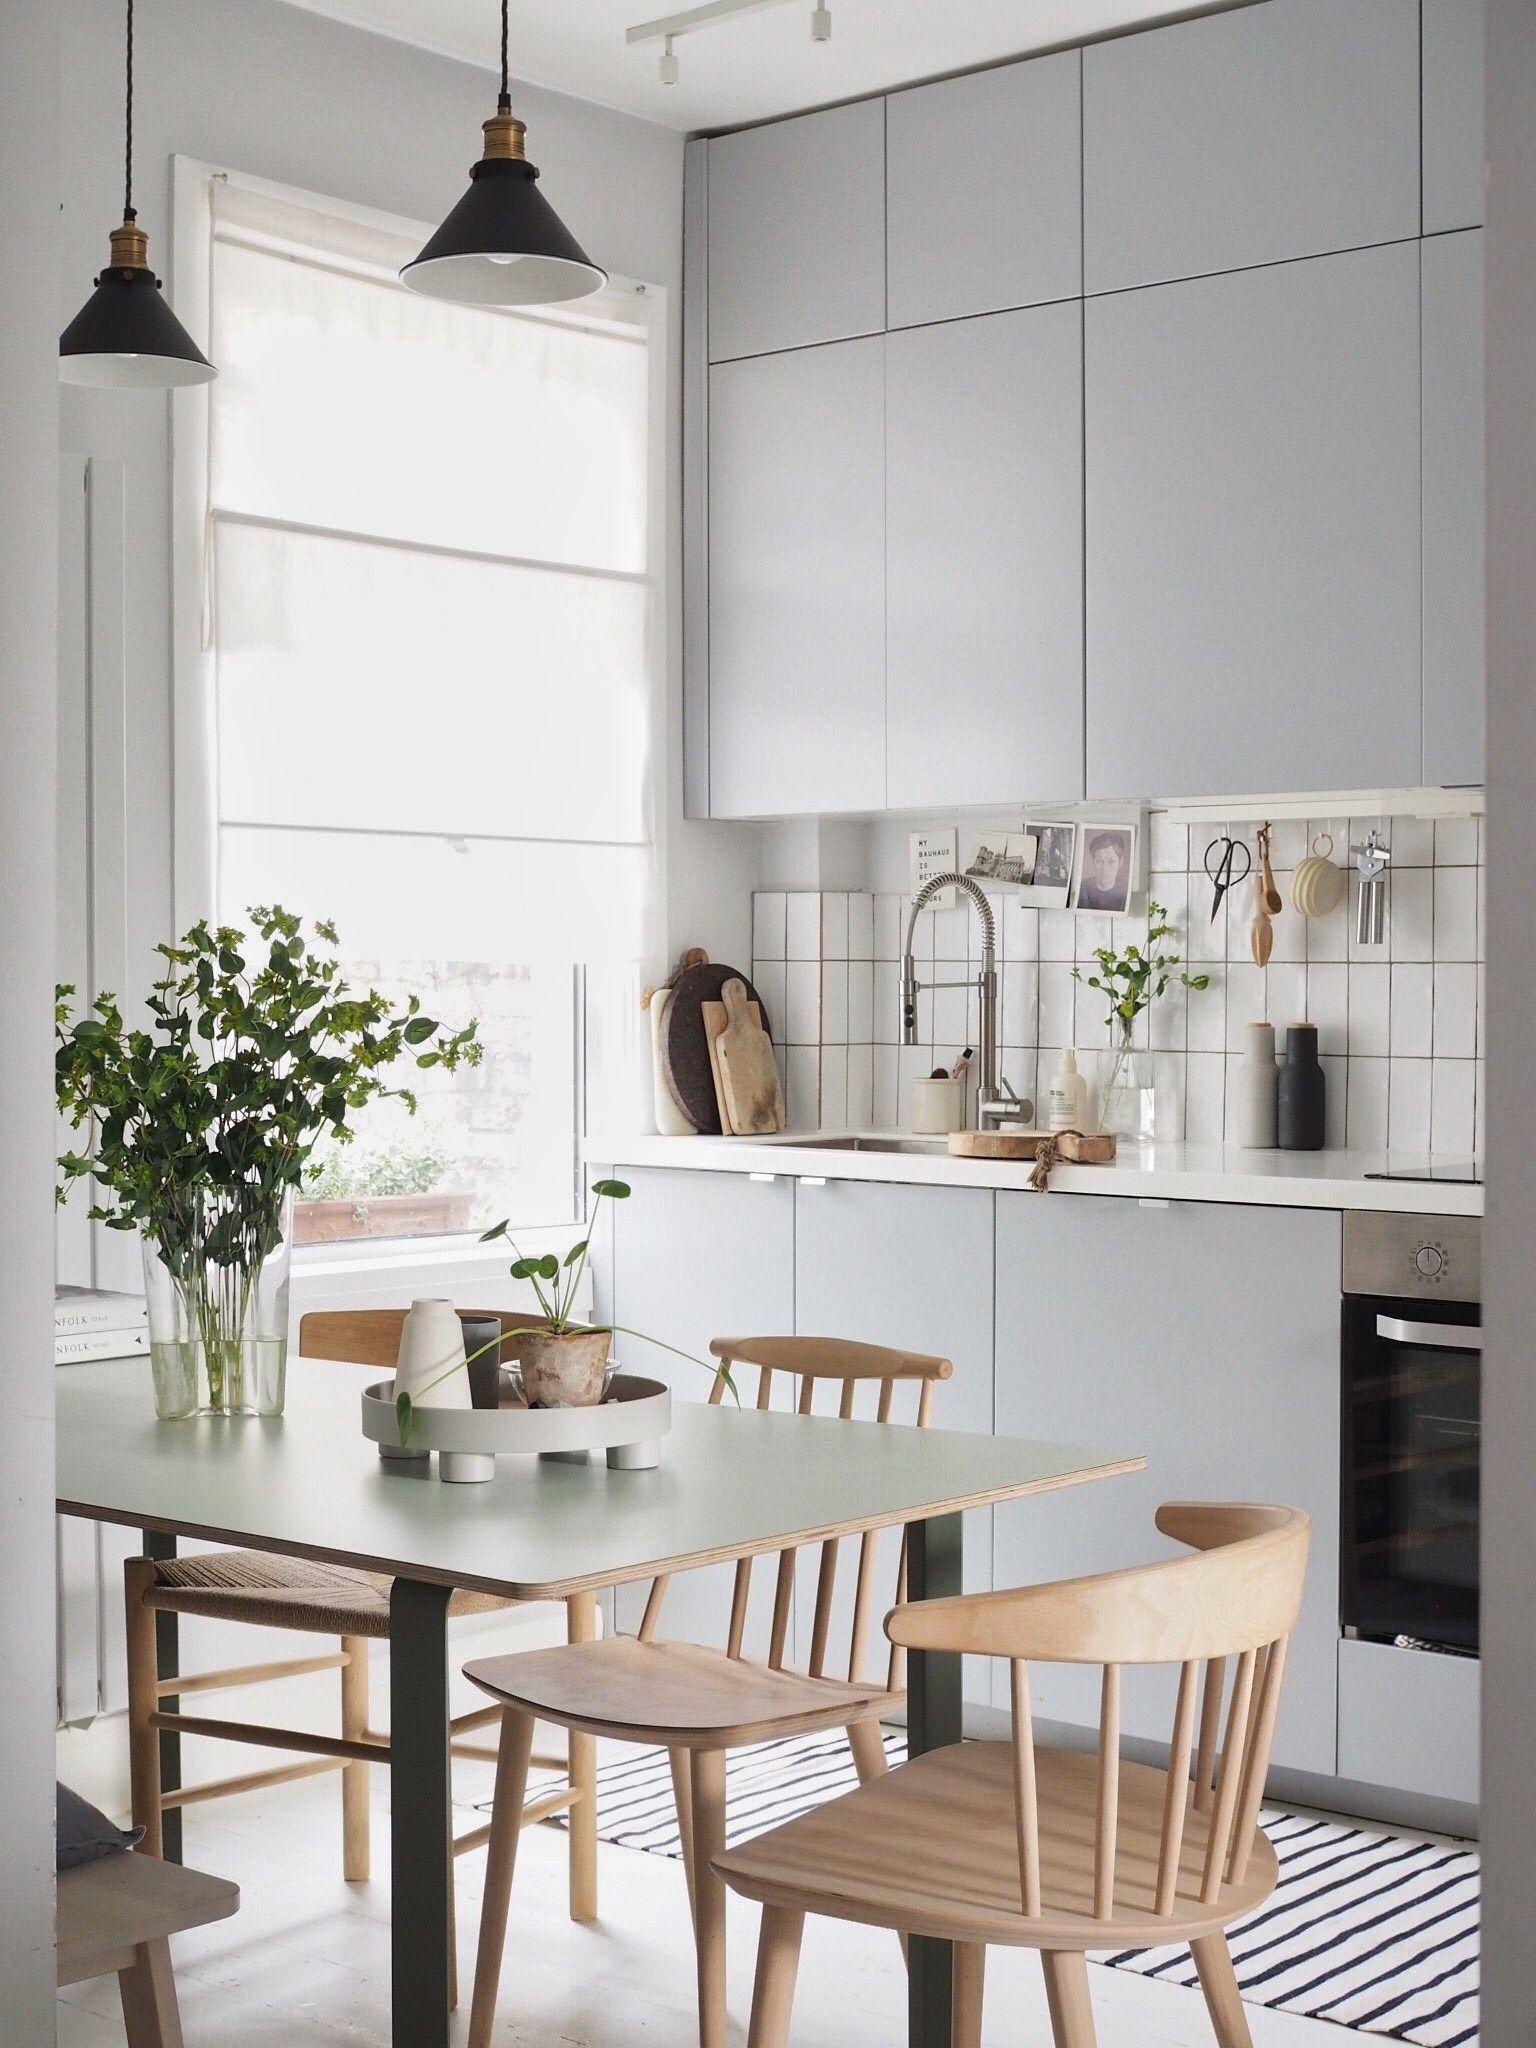 Inside My Home Cate St Hill In 2020 Scandinavian Kitchen Design Simple Interior Design Interior Design Kitchen